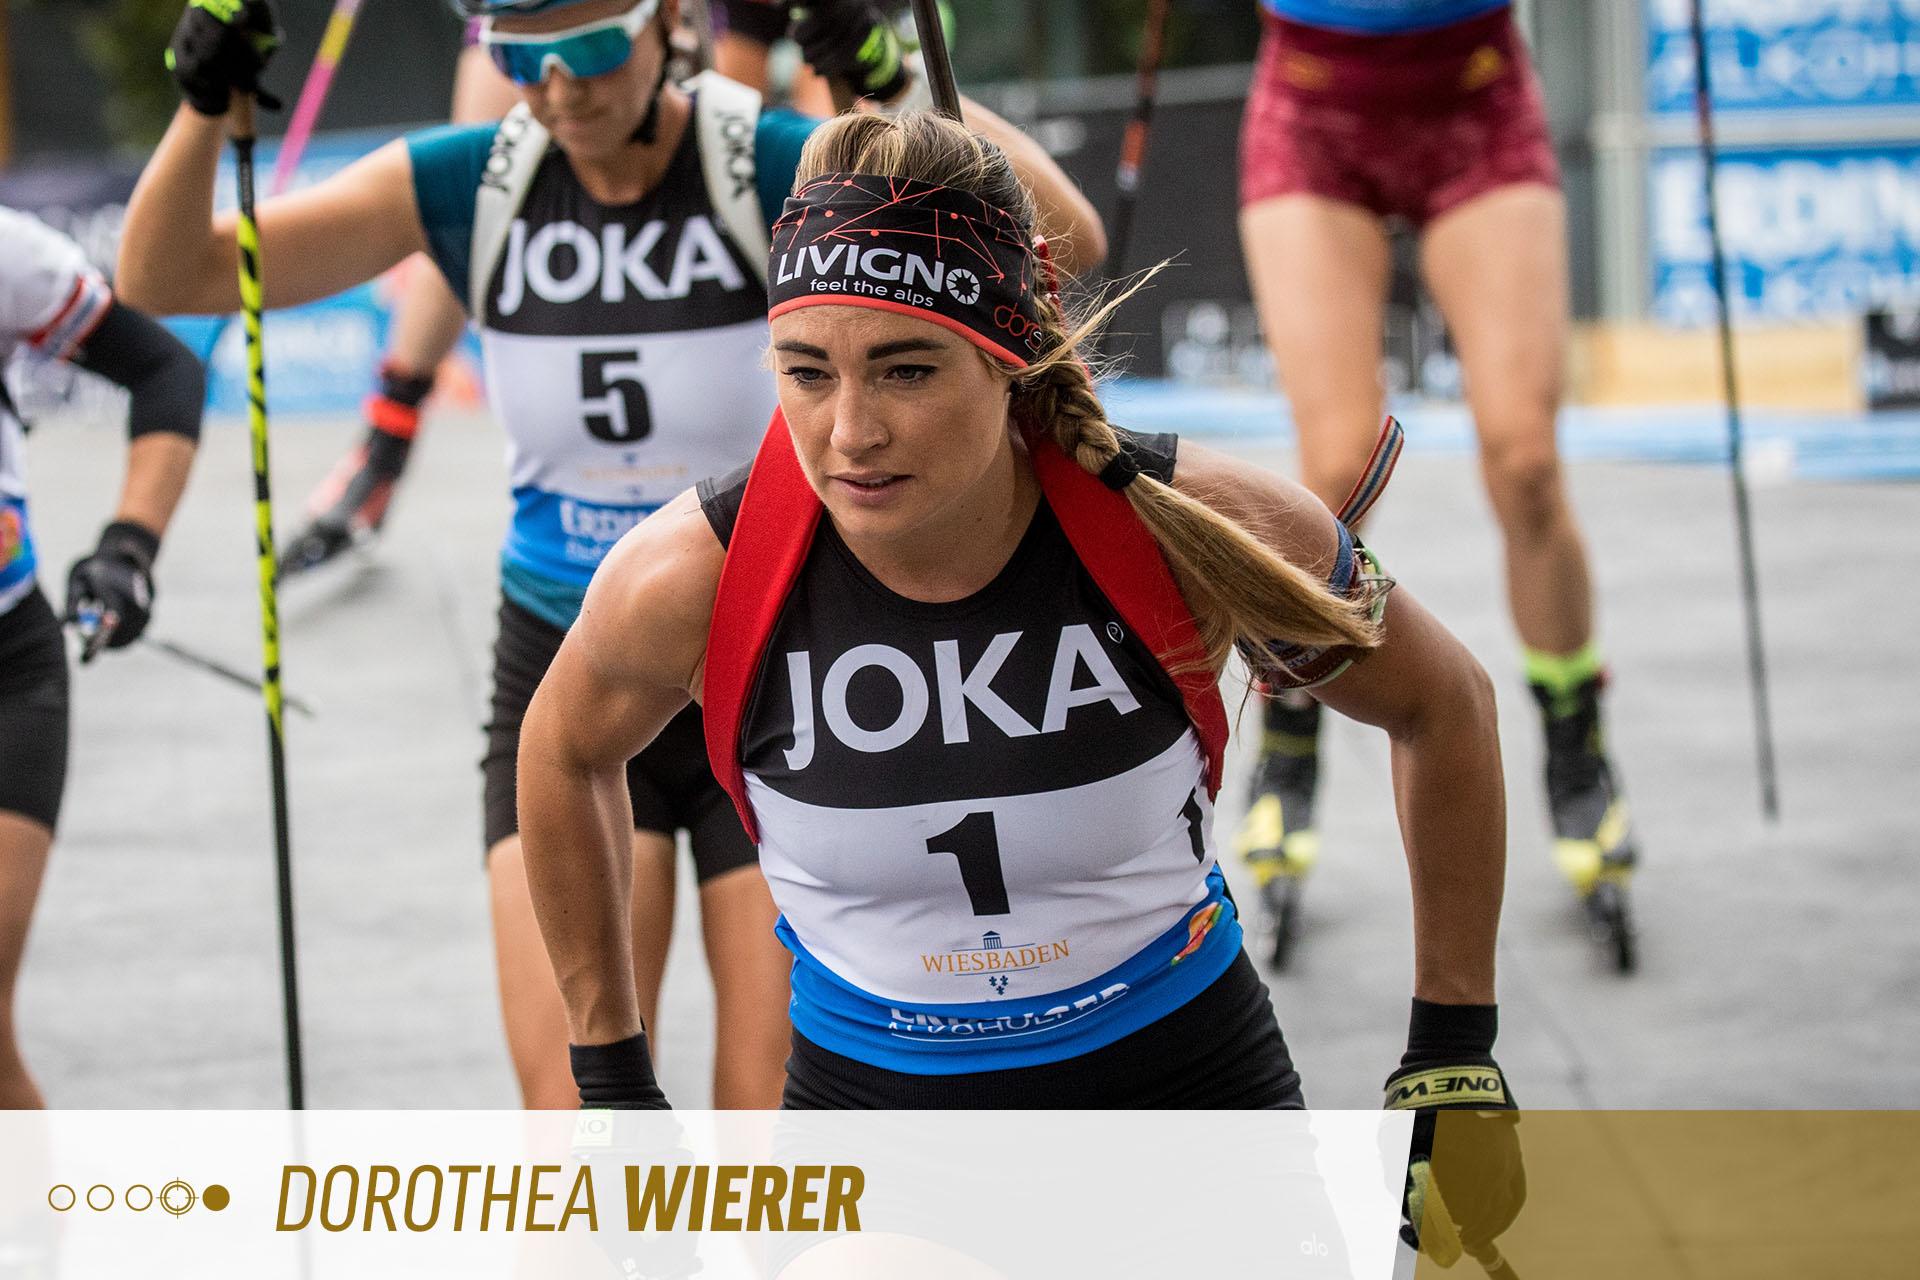 Athleten_DorotheaWierer